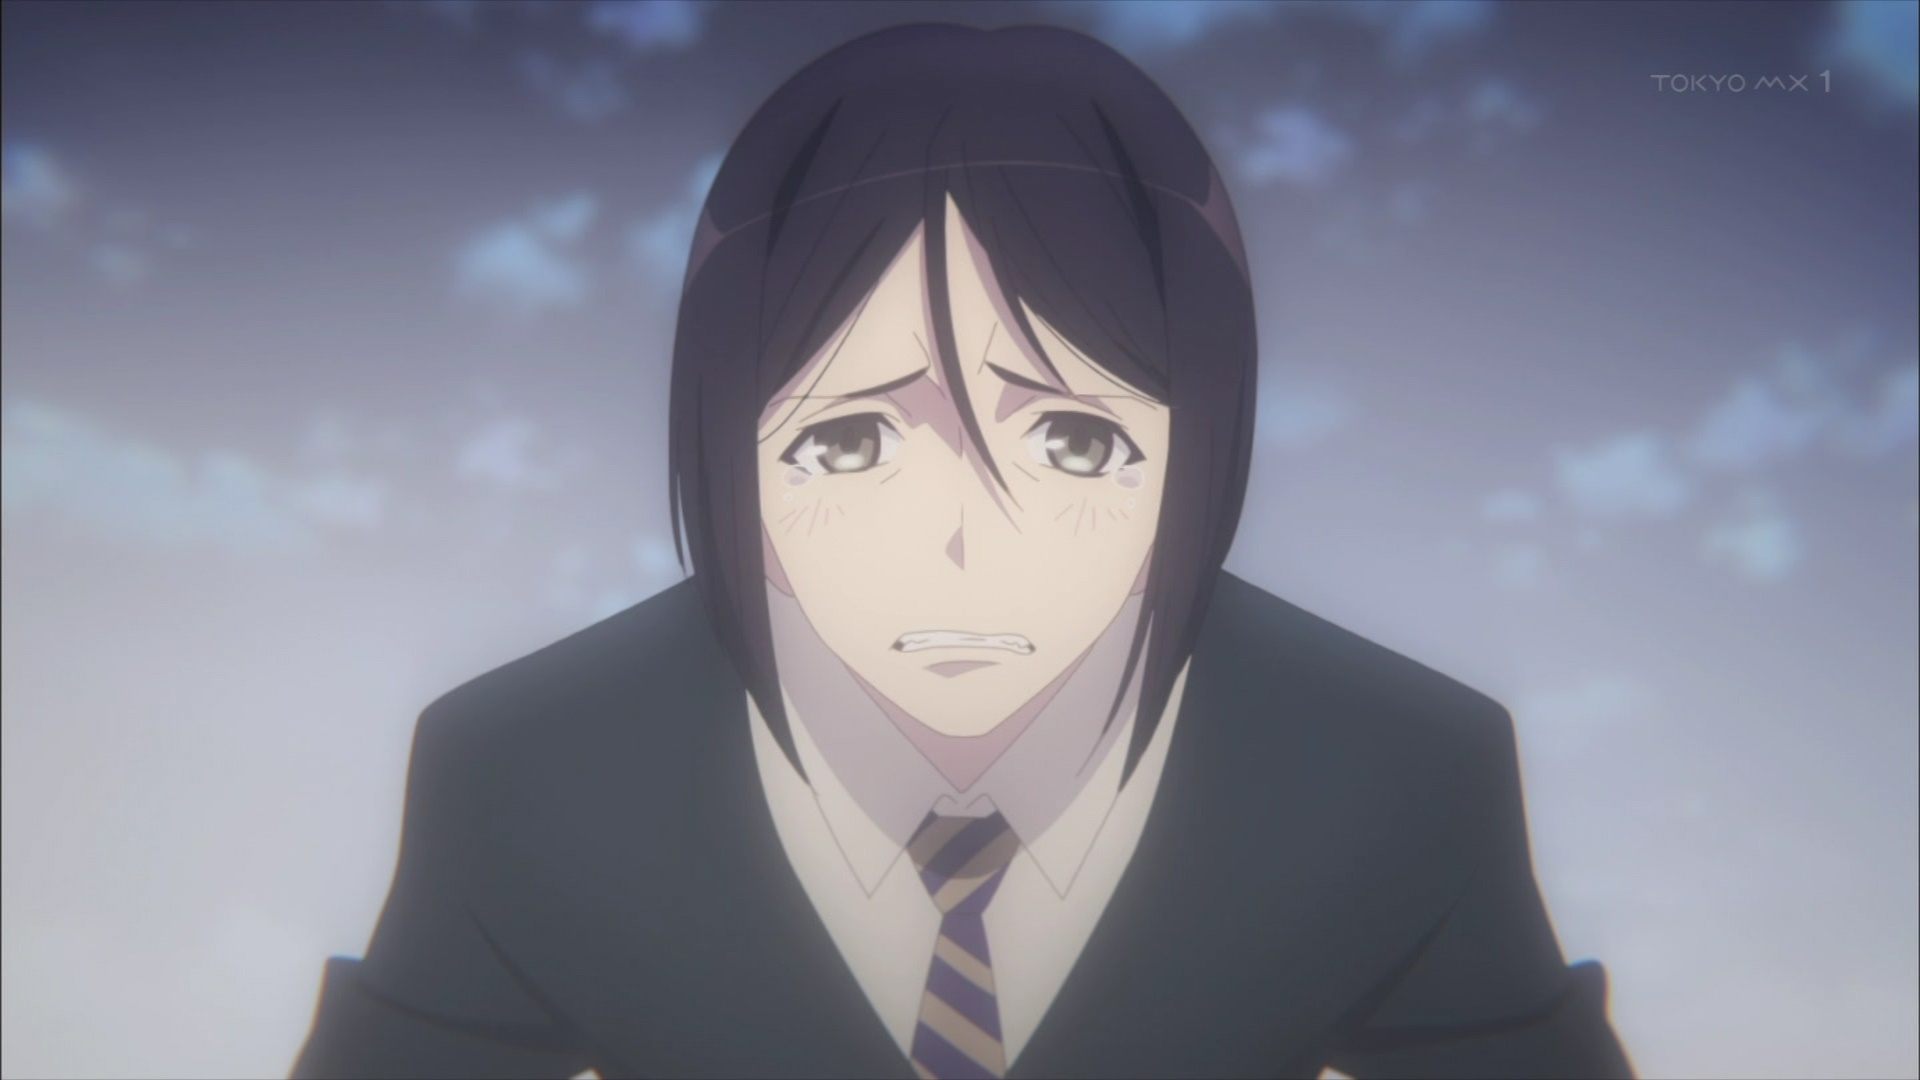 『Fate/Zero』でケイネス先生がイスカンダル召喚してて、切嗣みたいな例外がいなかったら優勝できてた?